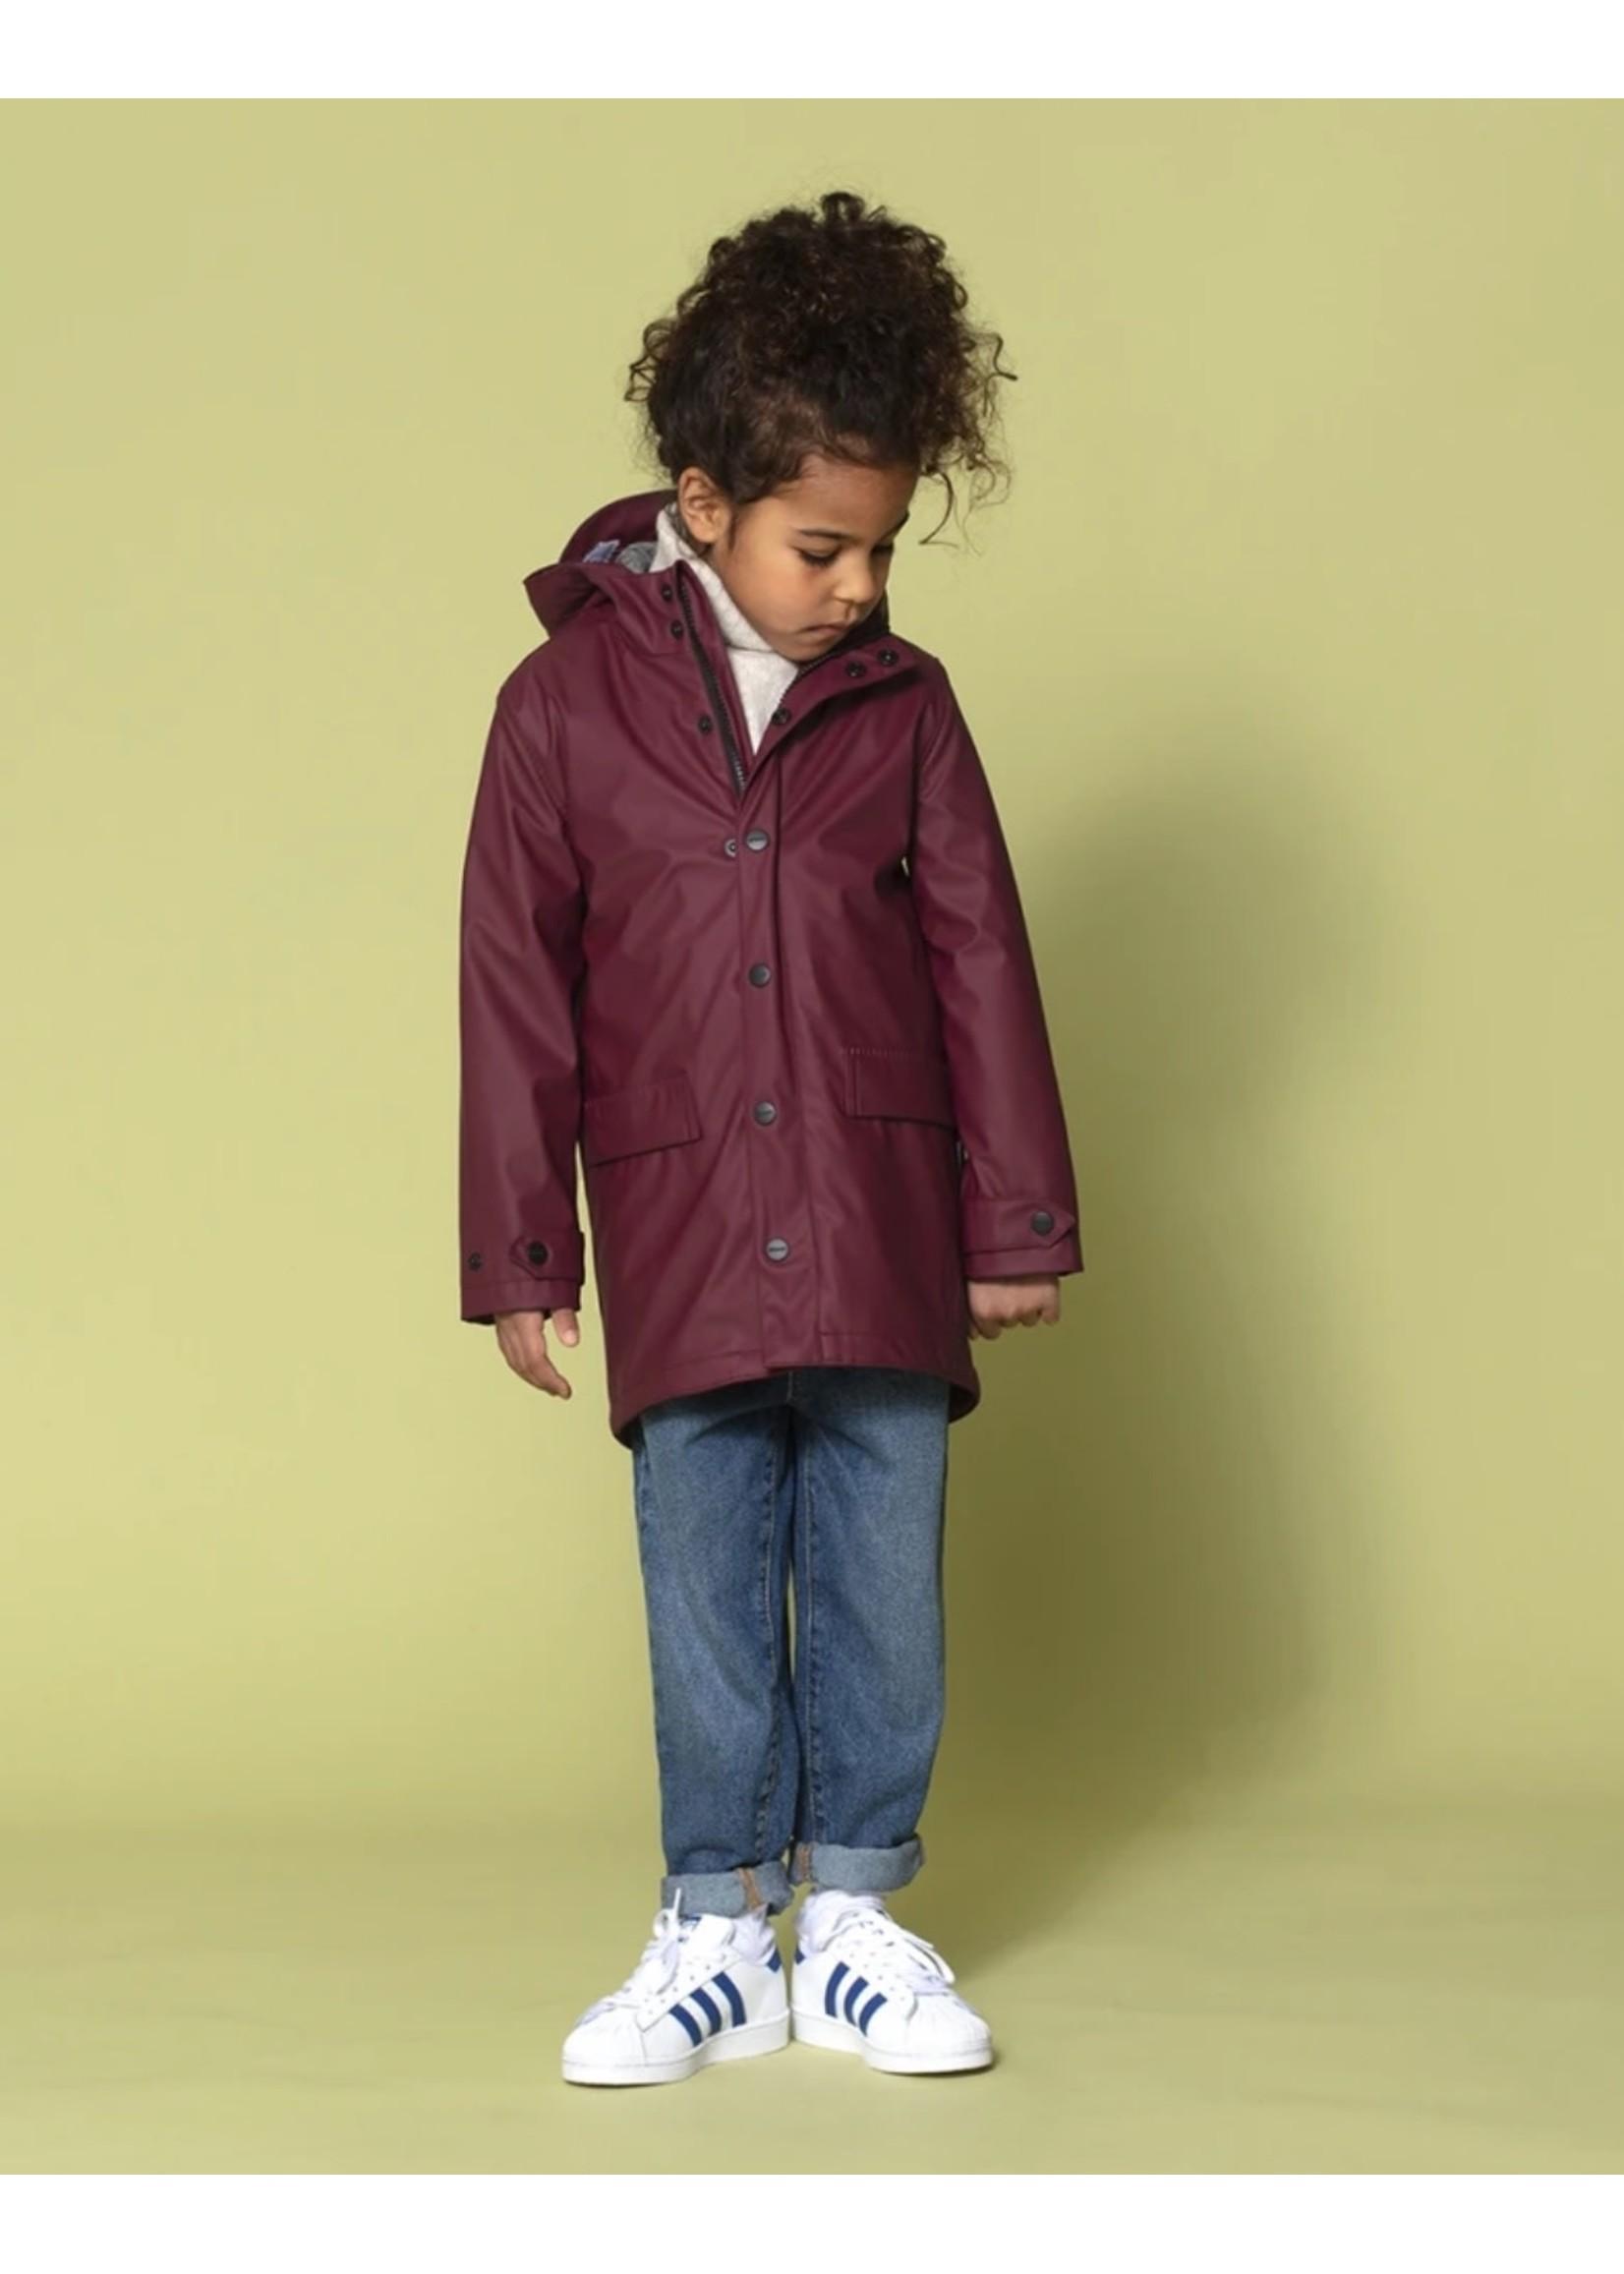 Go Soaky GoSoaky, Lazy Geese Rain Coat in Tawny Port Red